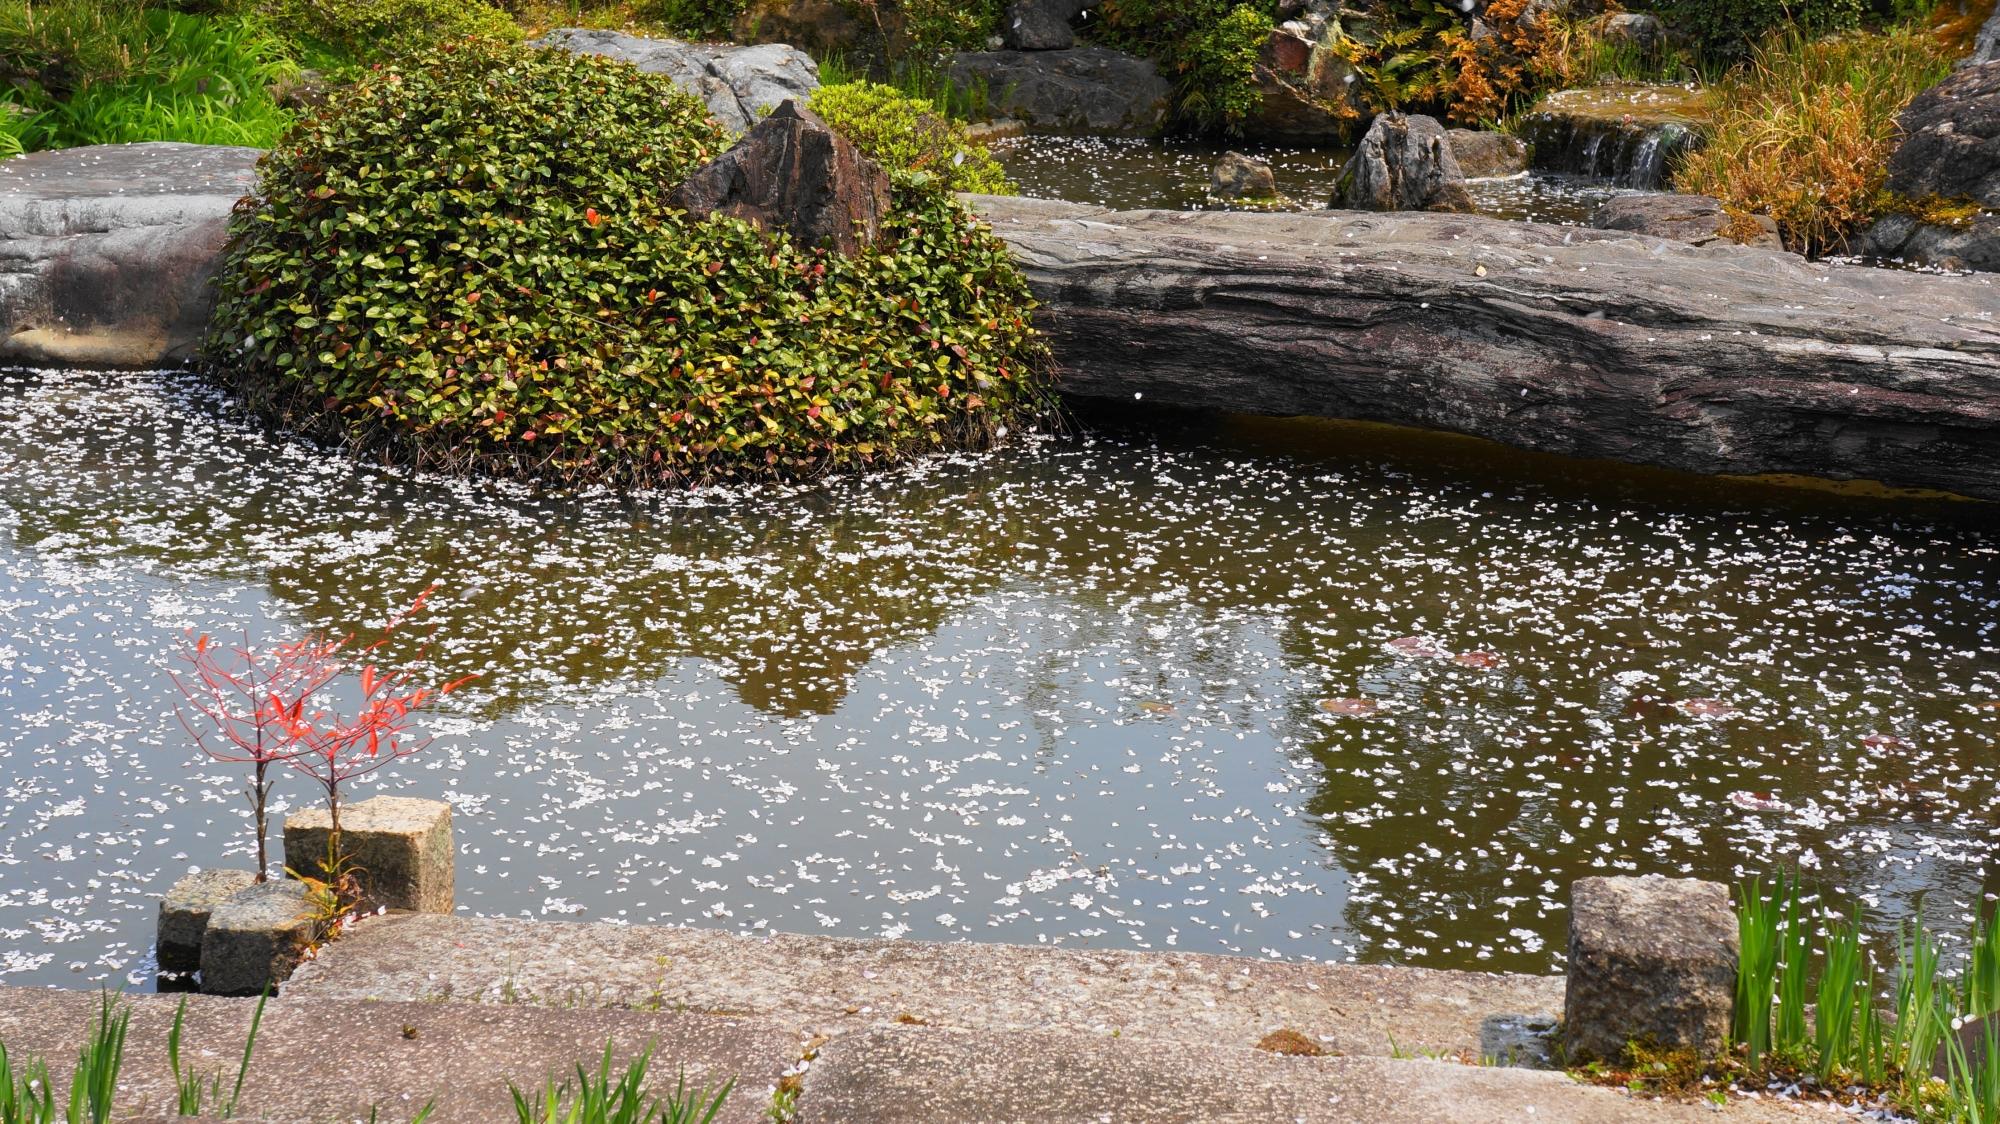 池を彩る華やかな散り桜